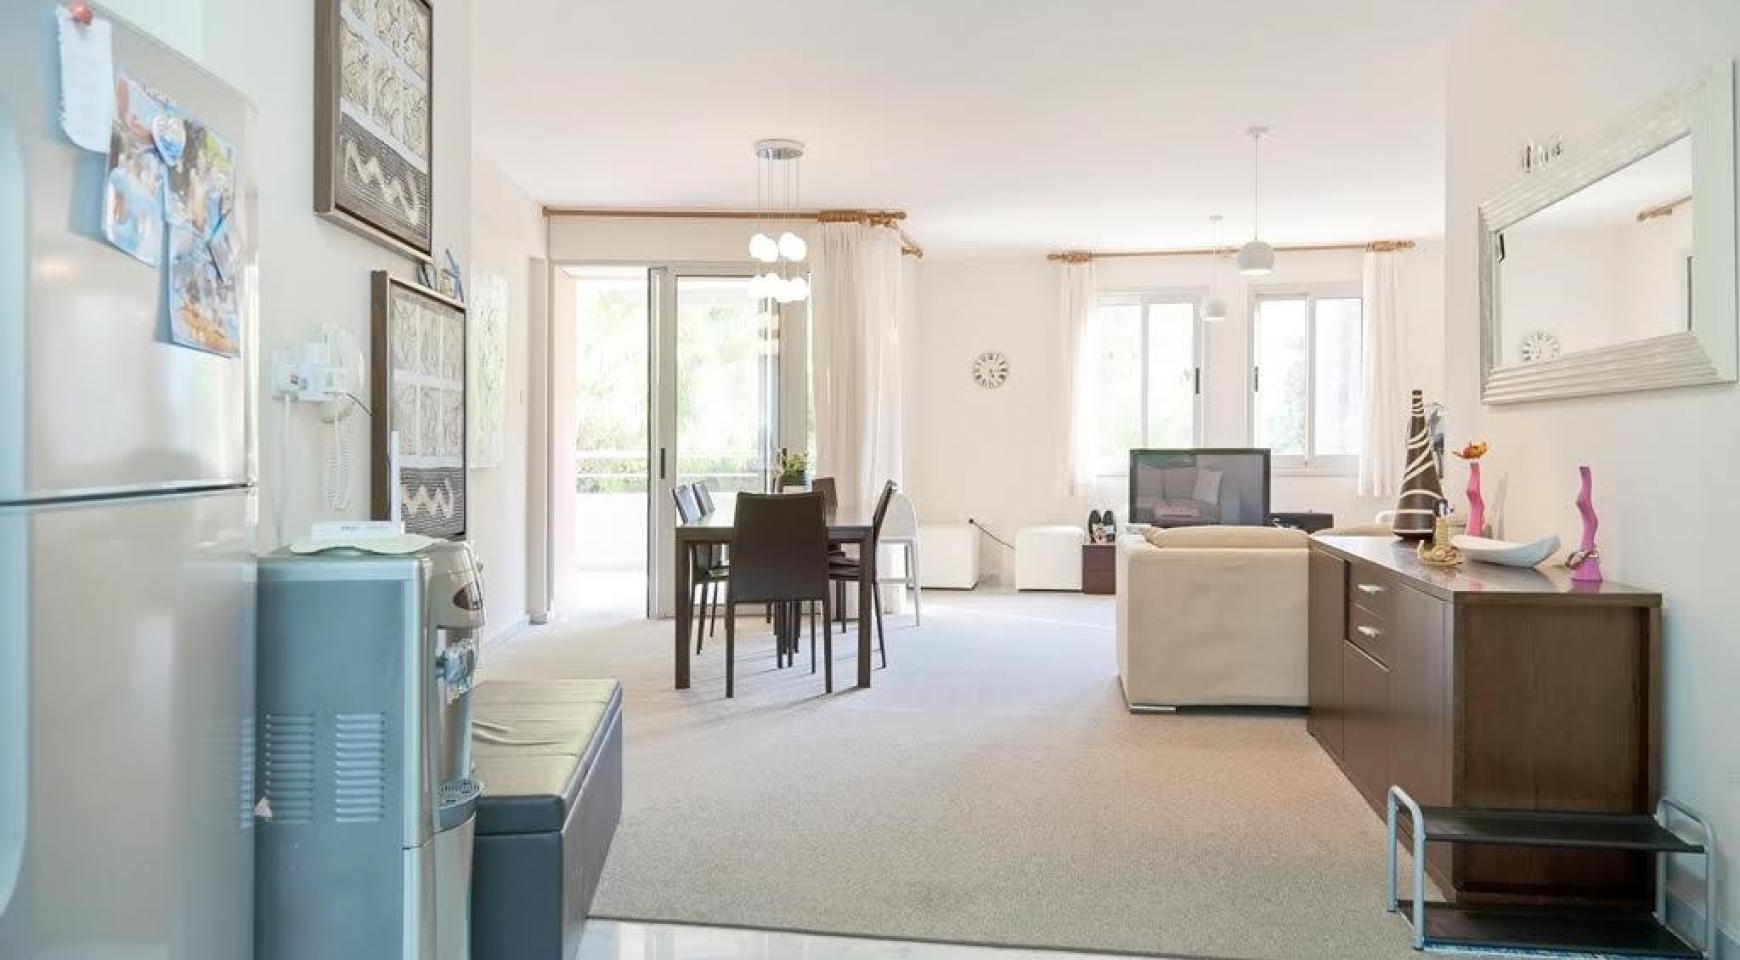 Luxury 2 Bedroom Apartment Amathusa F 104 near the Beach - 2